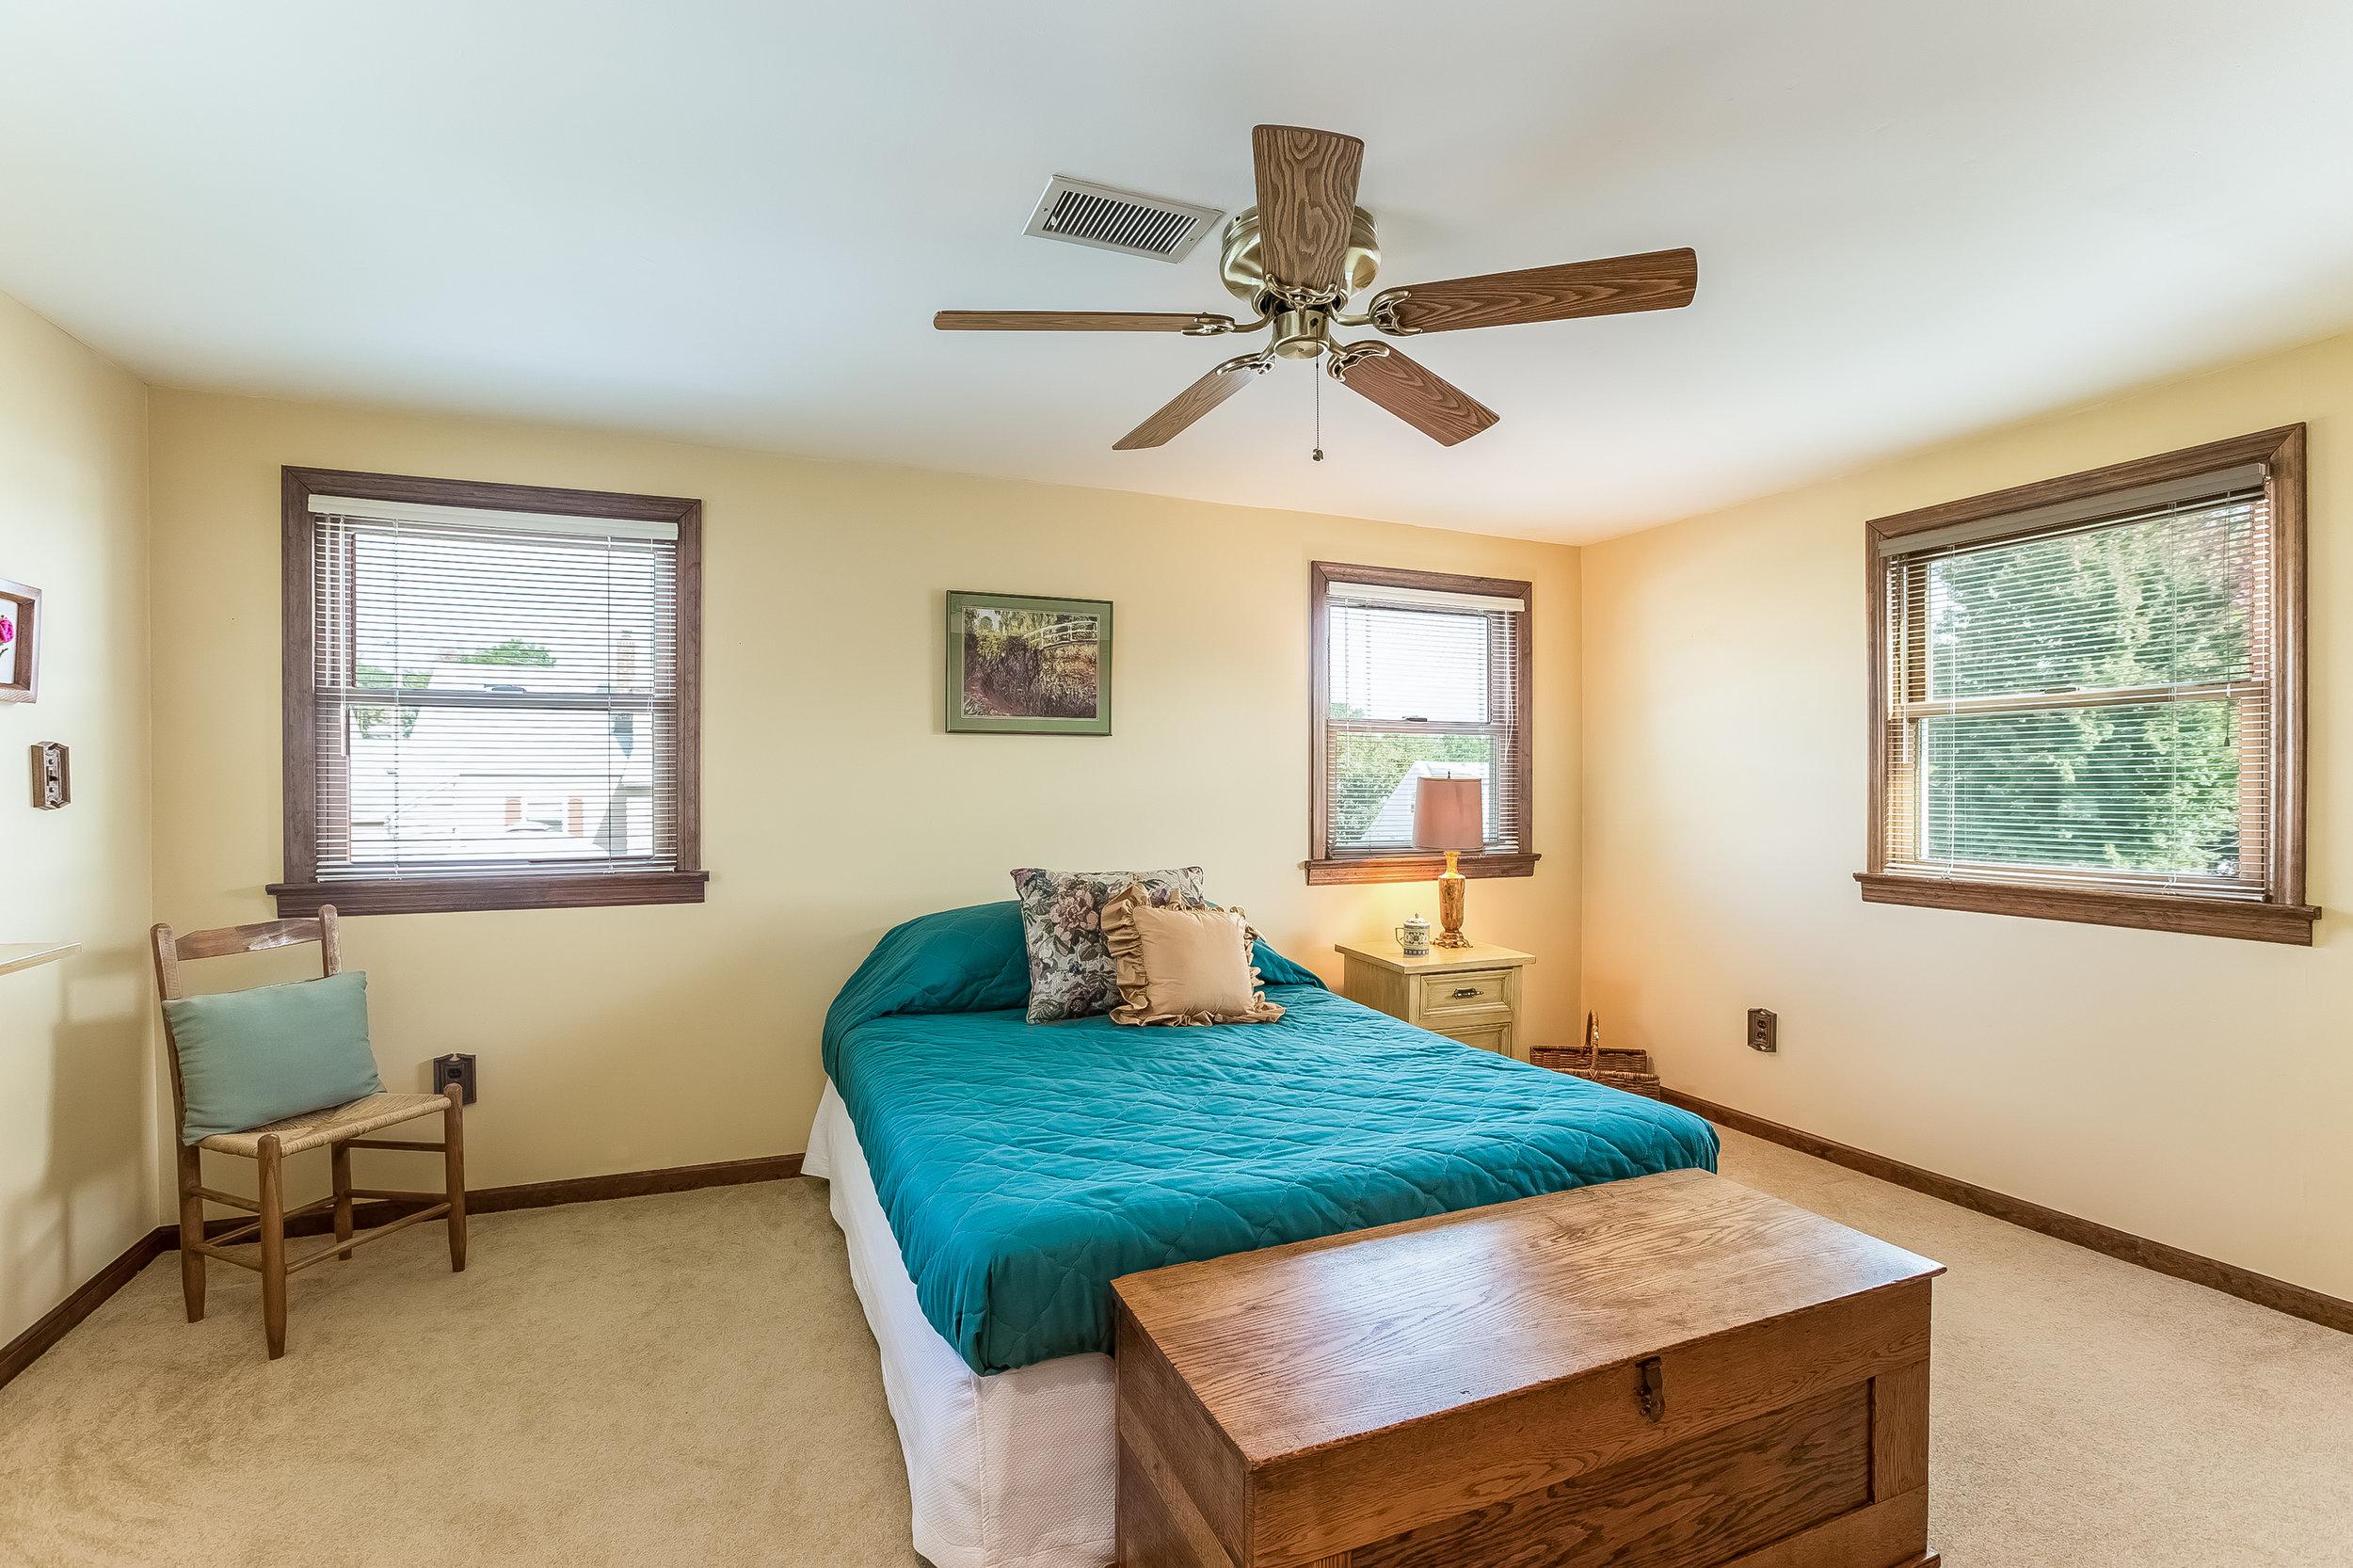 052-Bedroom-4932691-large.jpg